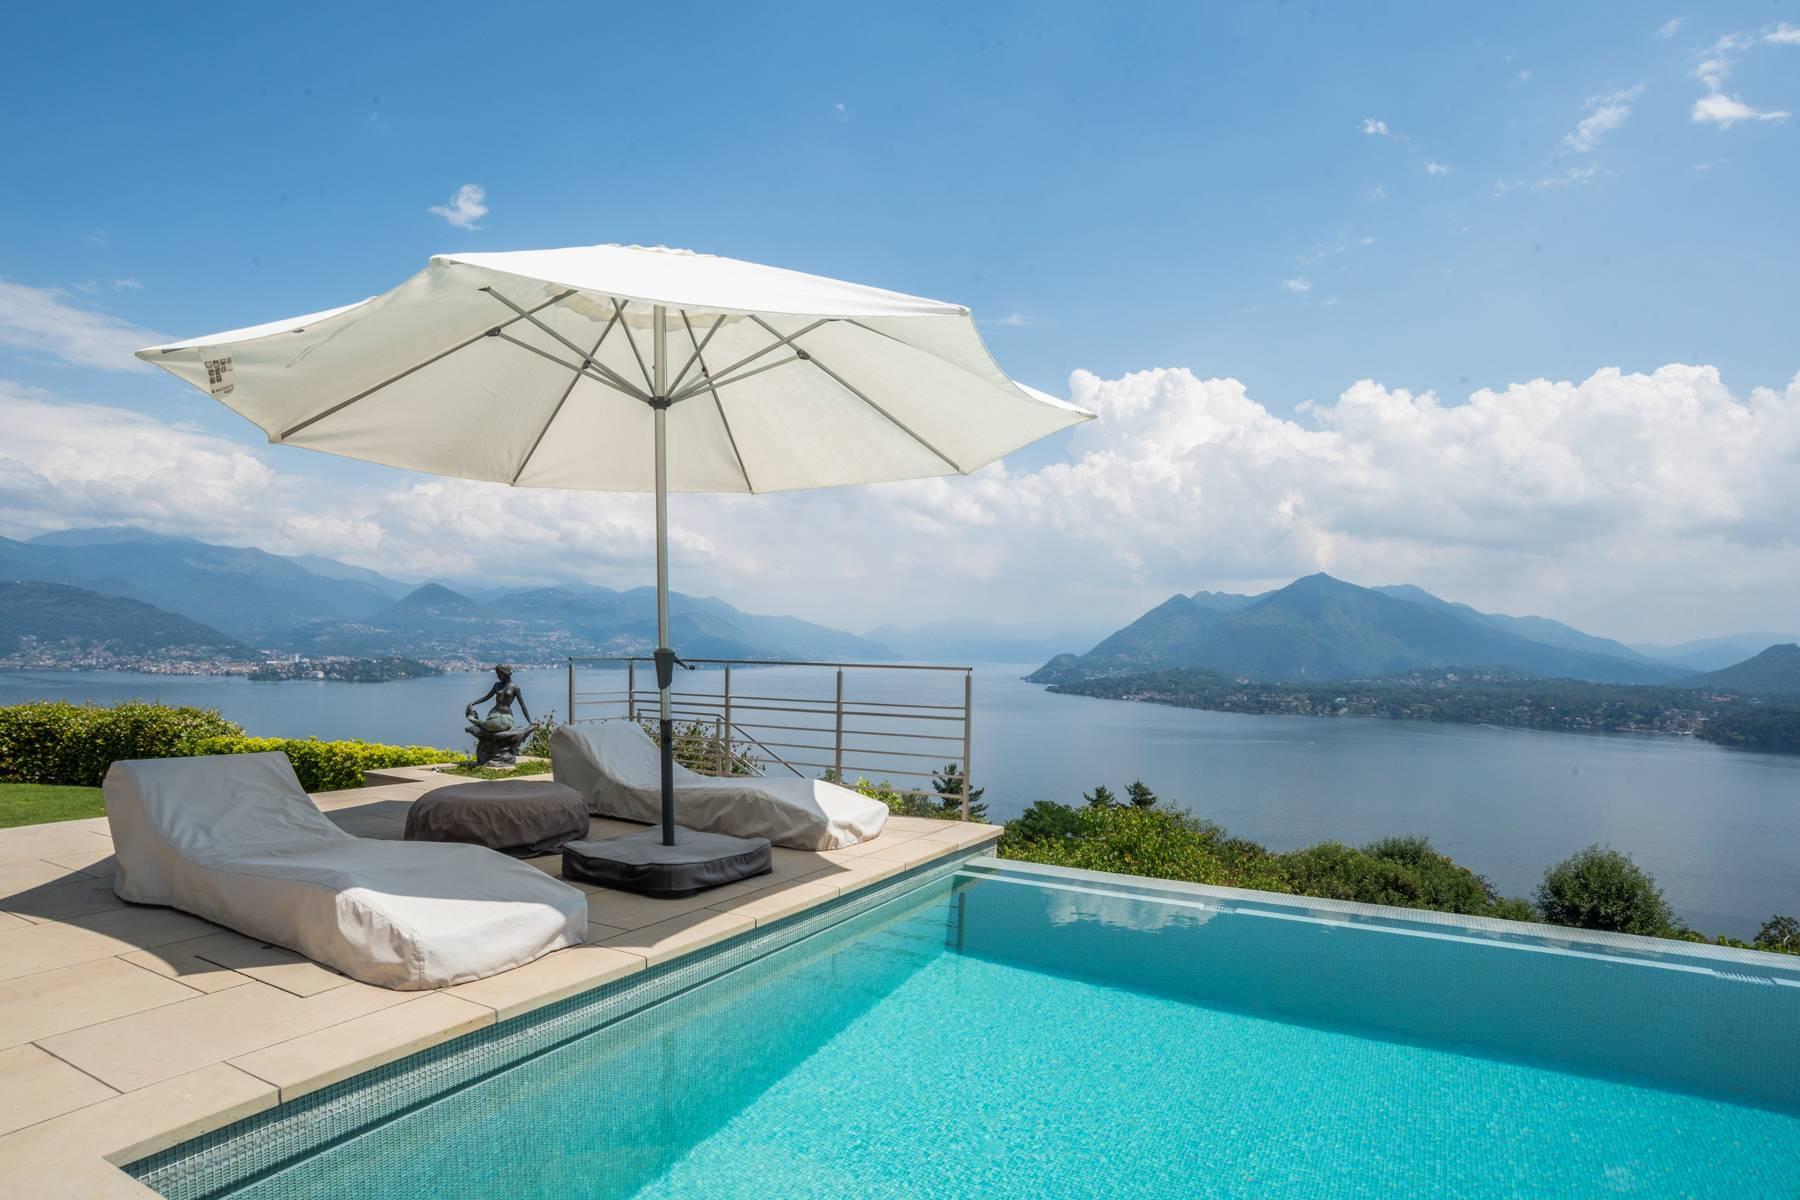 Fabulous Villa on the hills of Stresa - 41